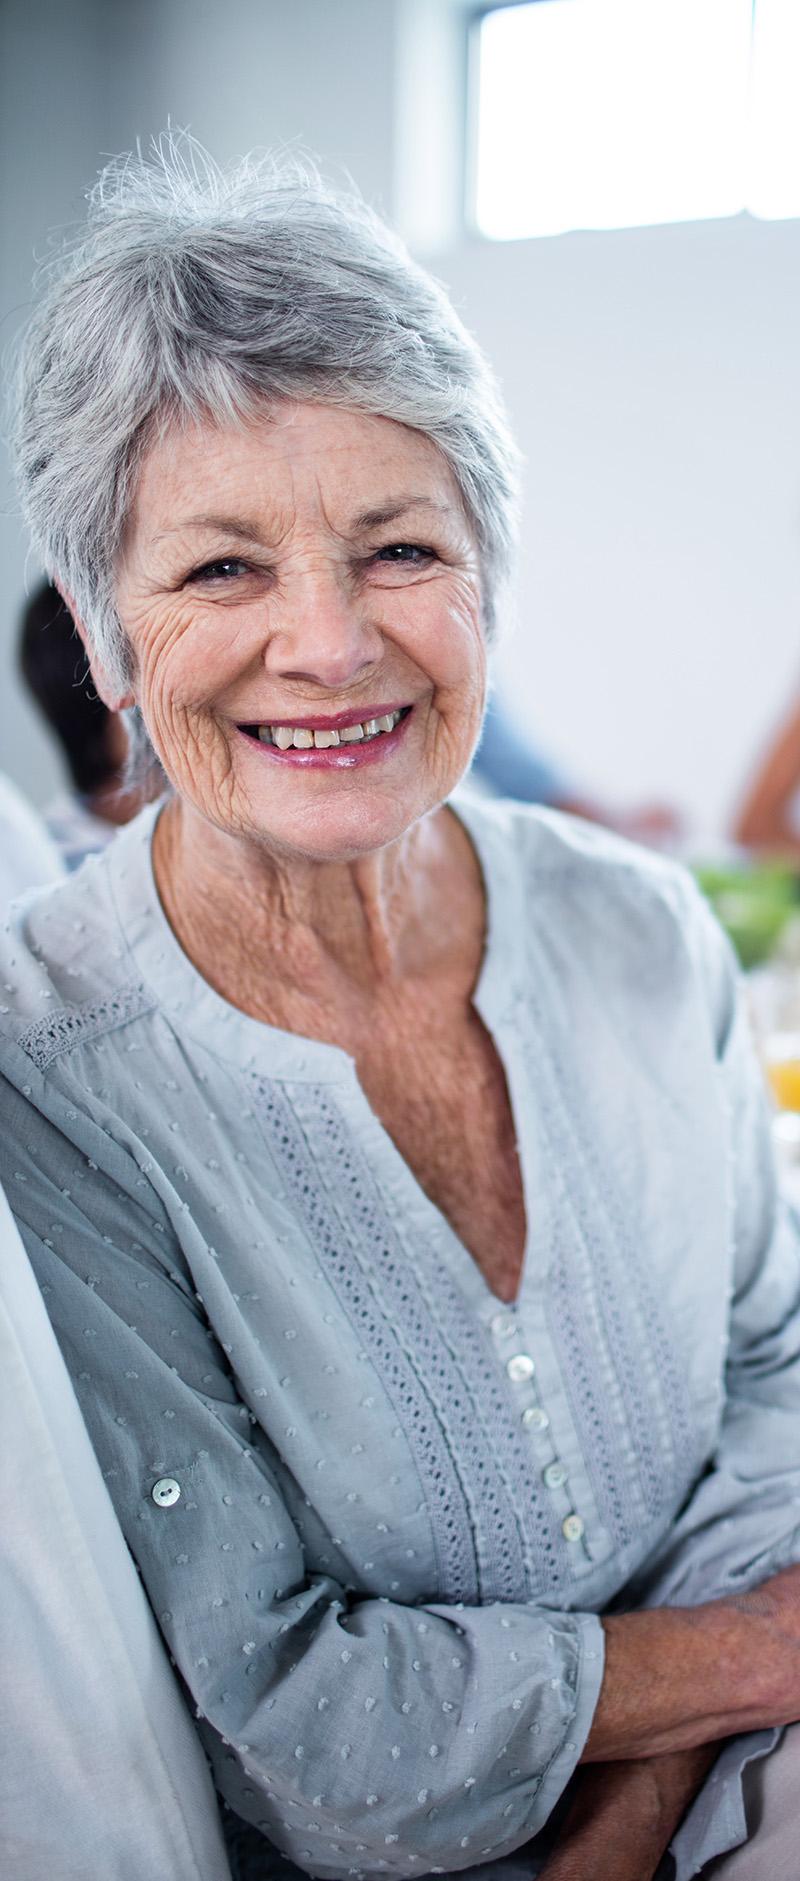 RSVP senior citizen